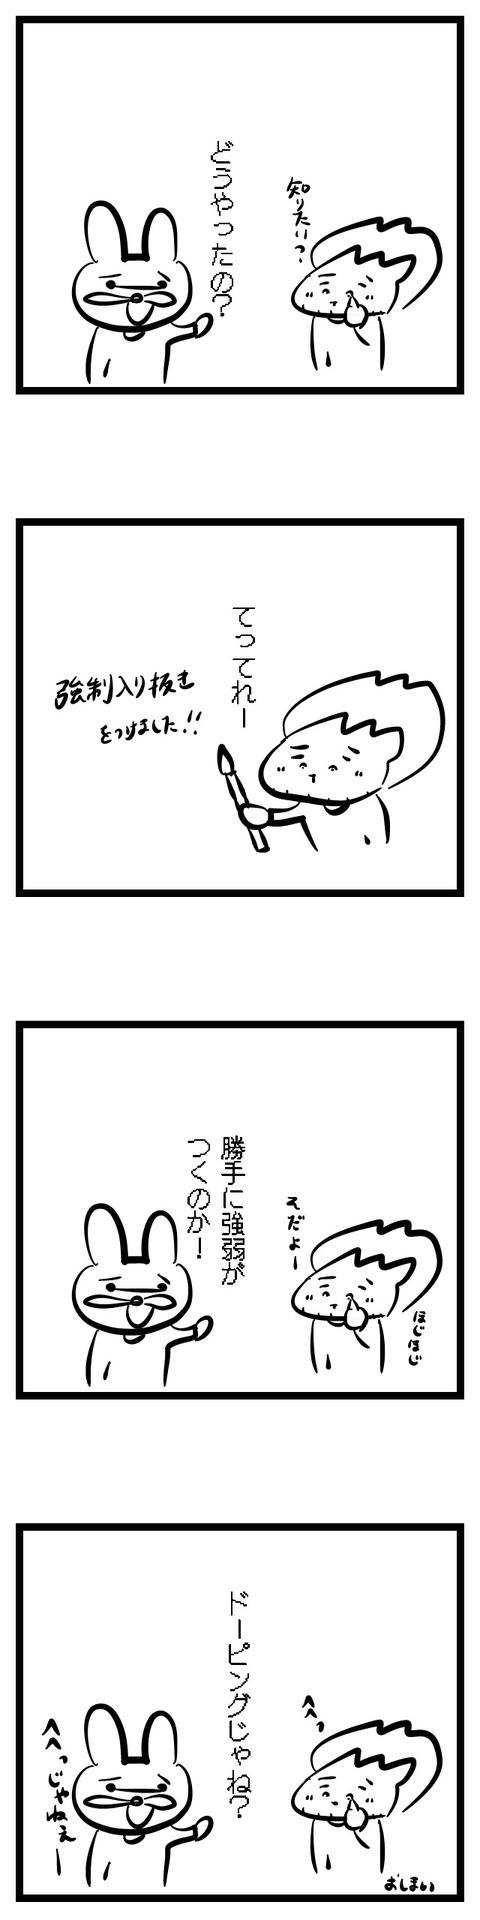 15強制入り抜き②